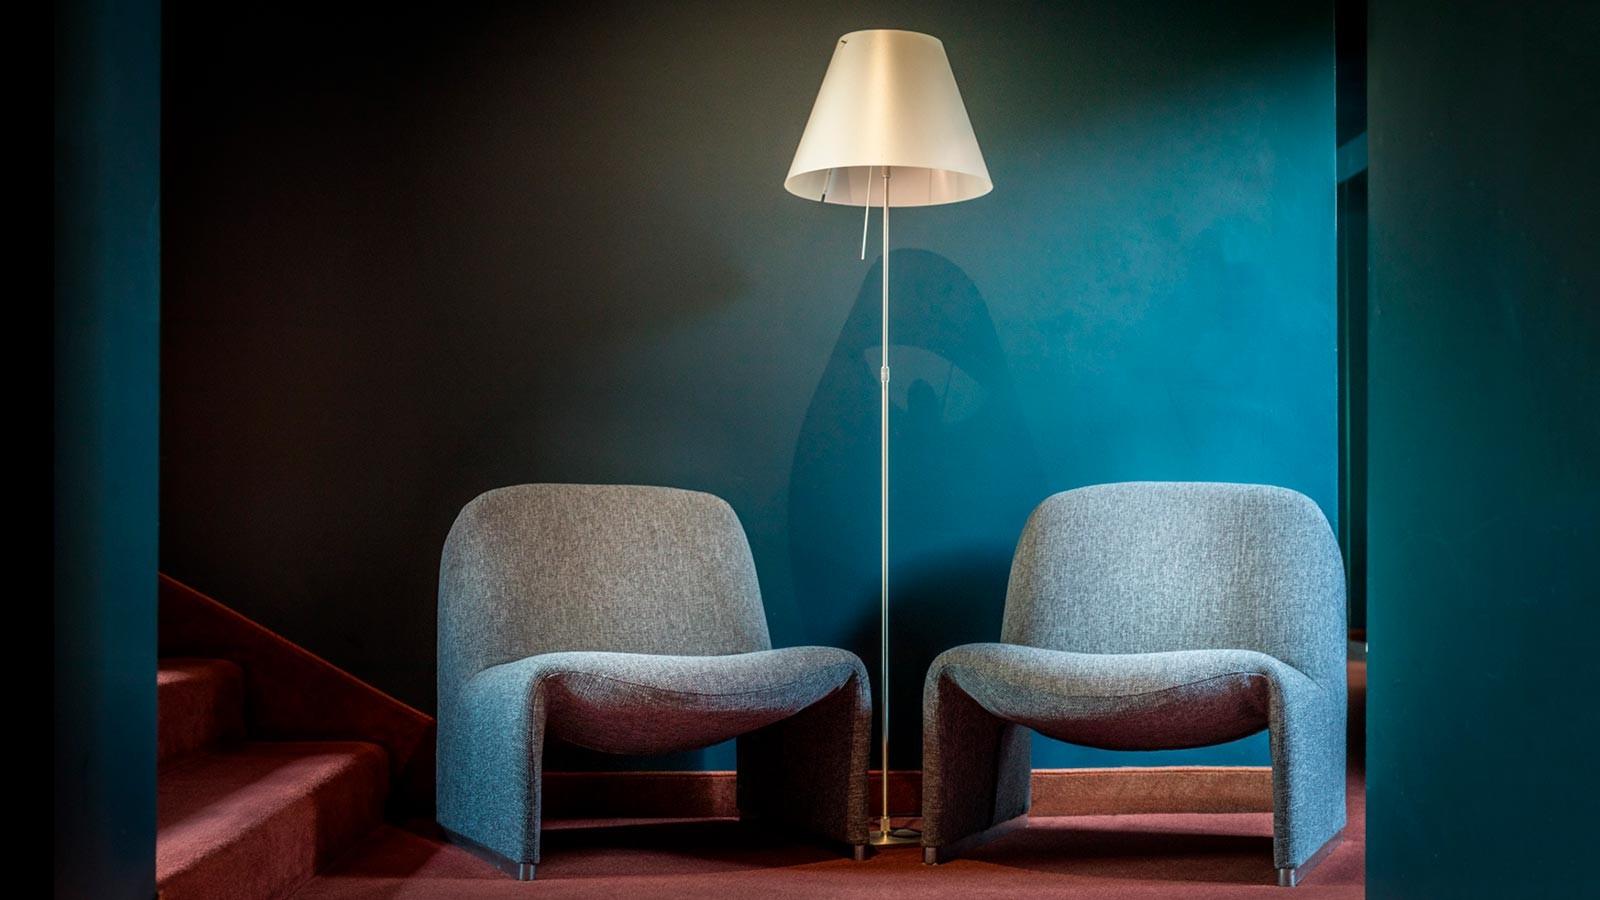 Poltroncine e lampada all'hotel Caminetto